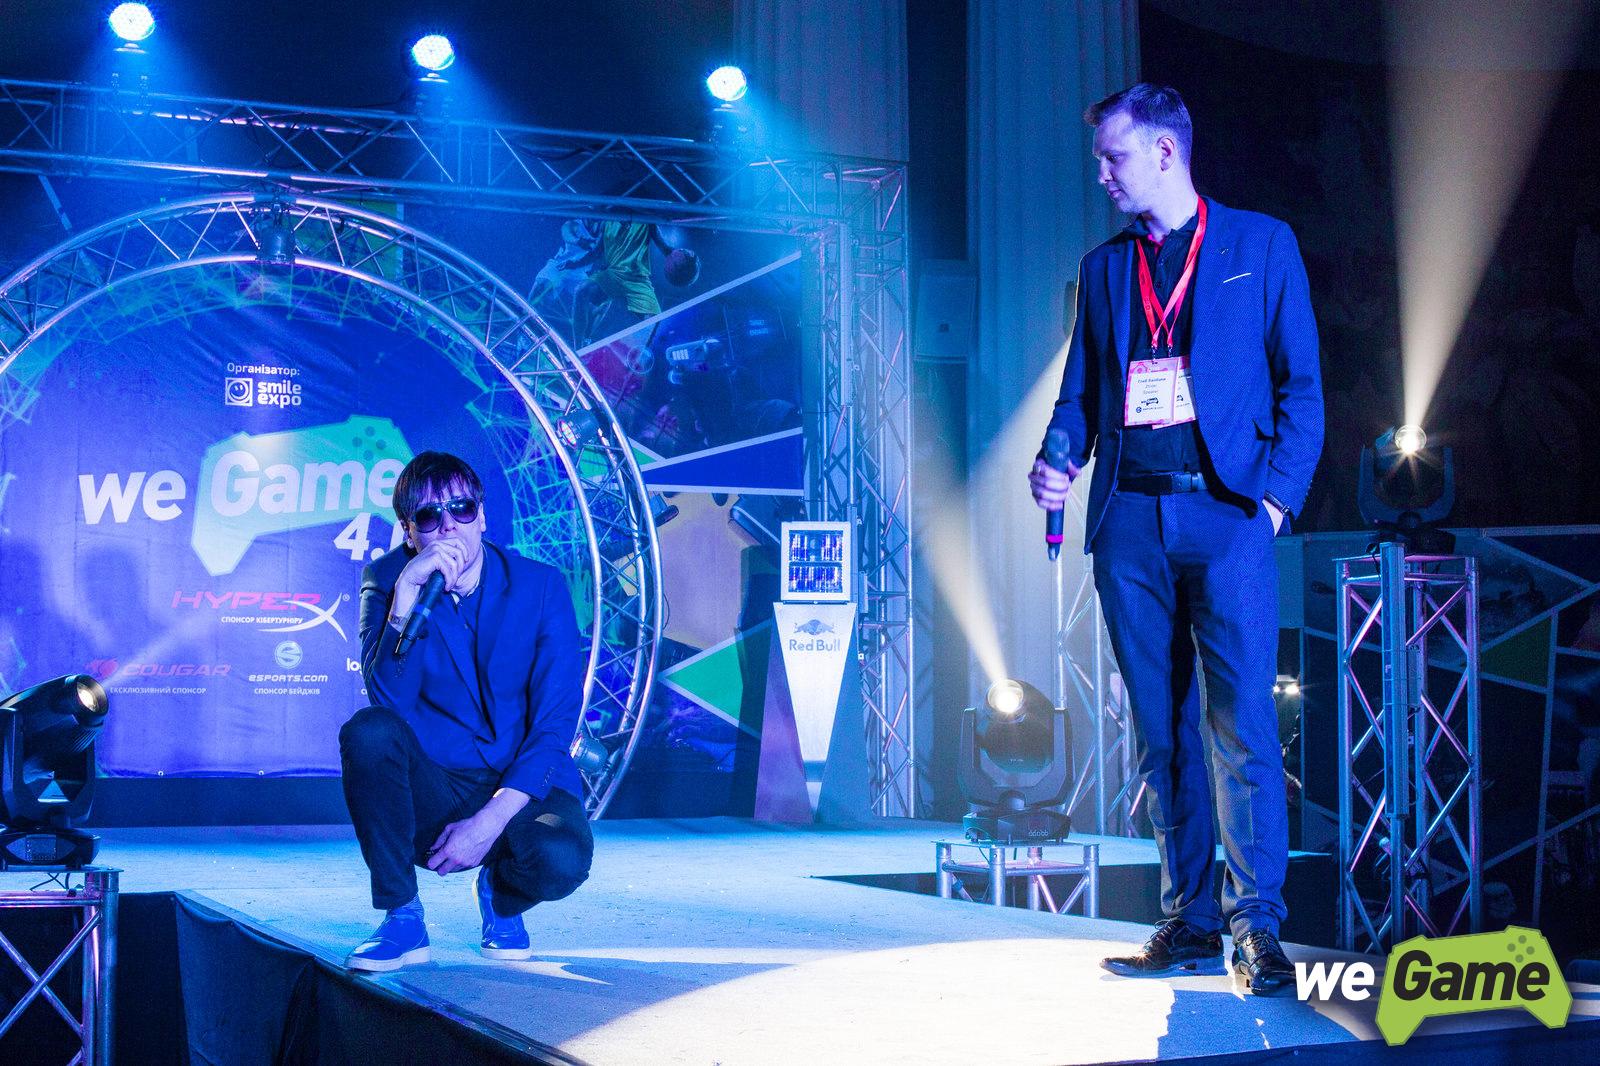 Фестиваль WEGAME 4.0 собрал самую большую тусовку геймеров и гиков Украины - 6